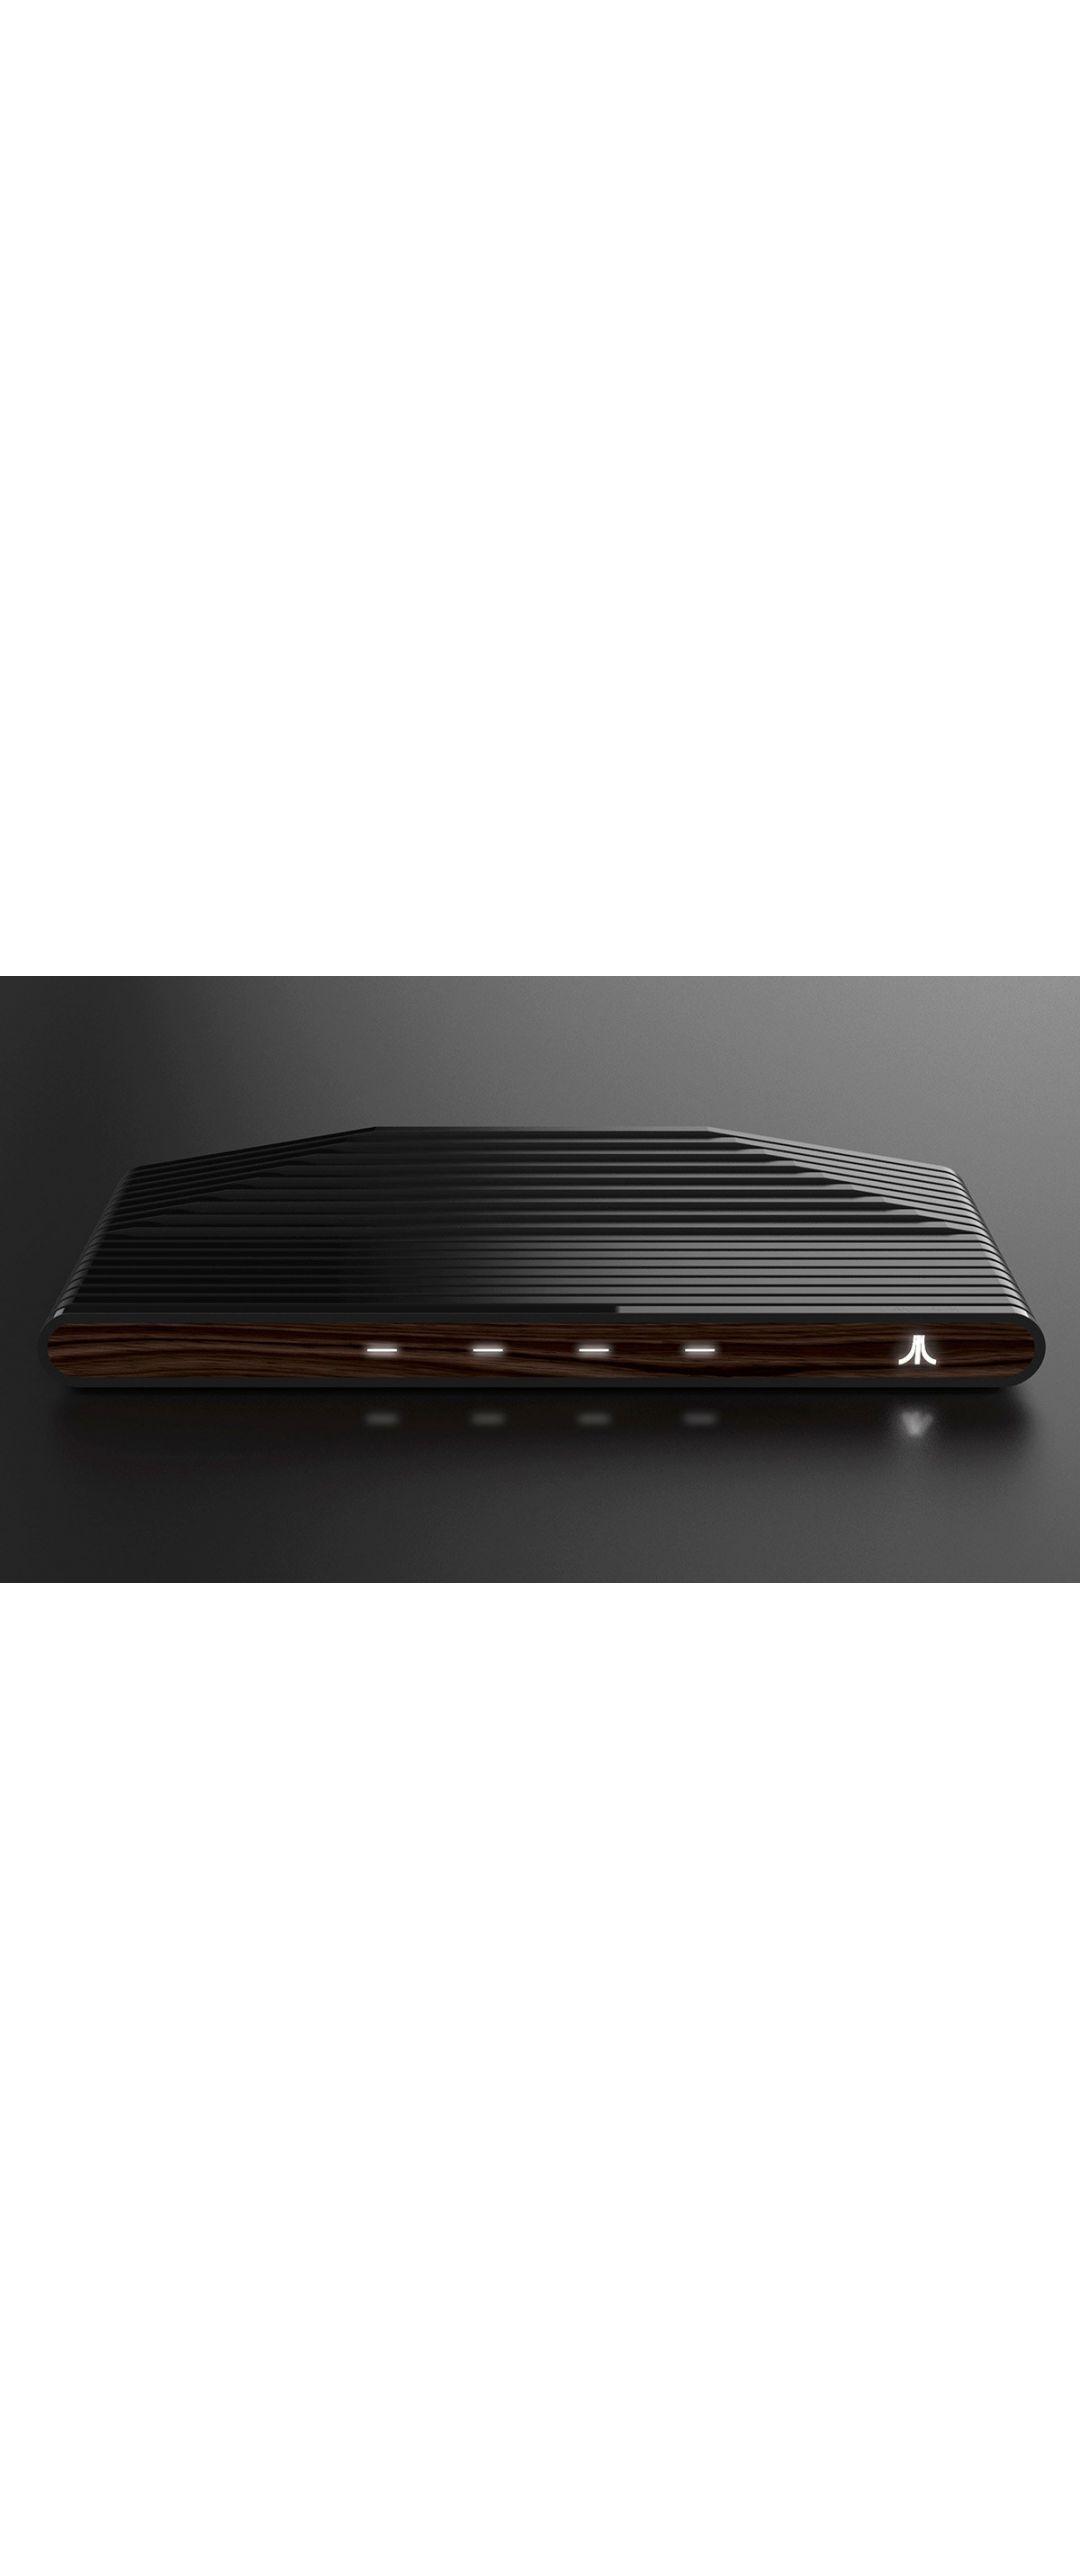 Se revela el posible precio y especificaciones del Ataribox